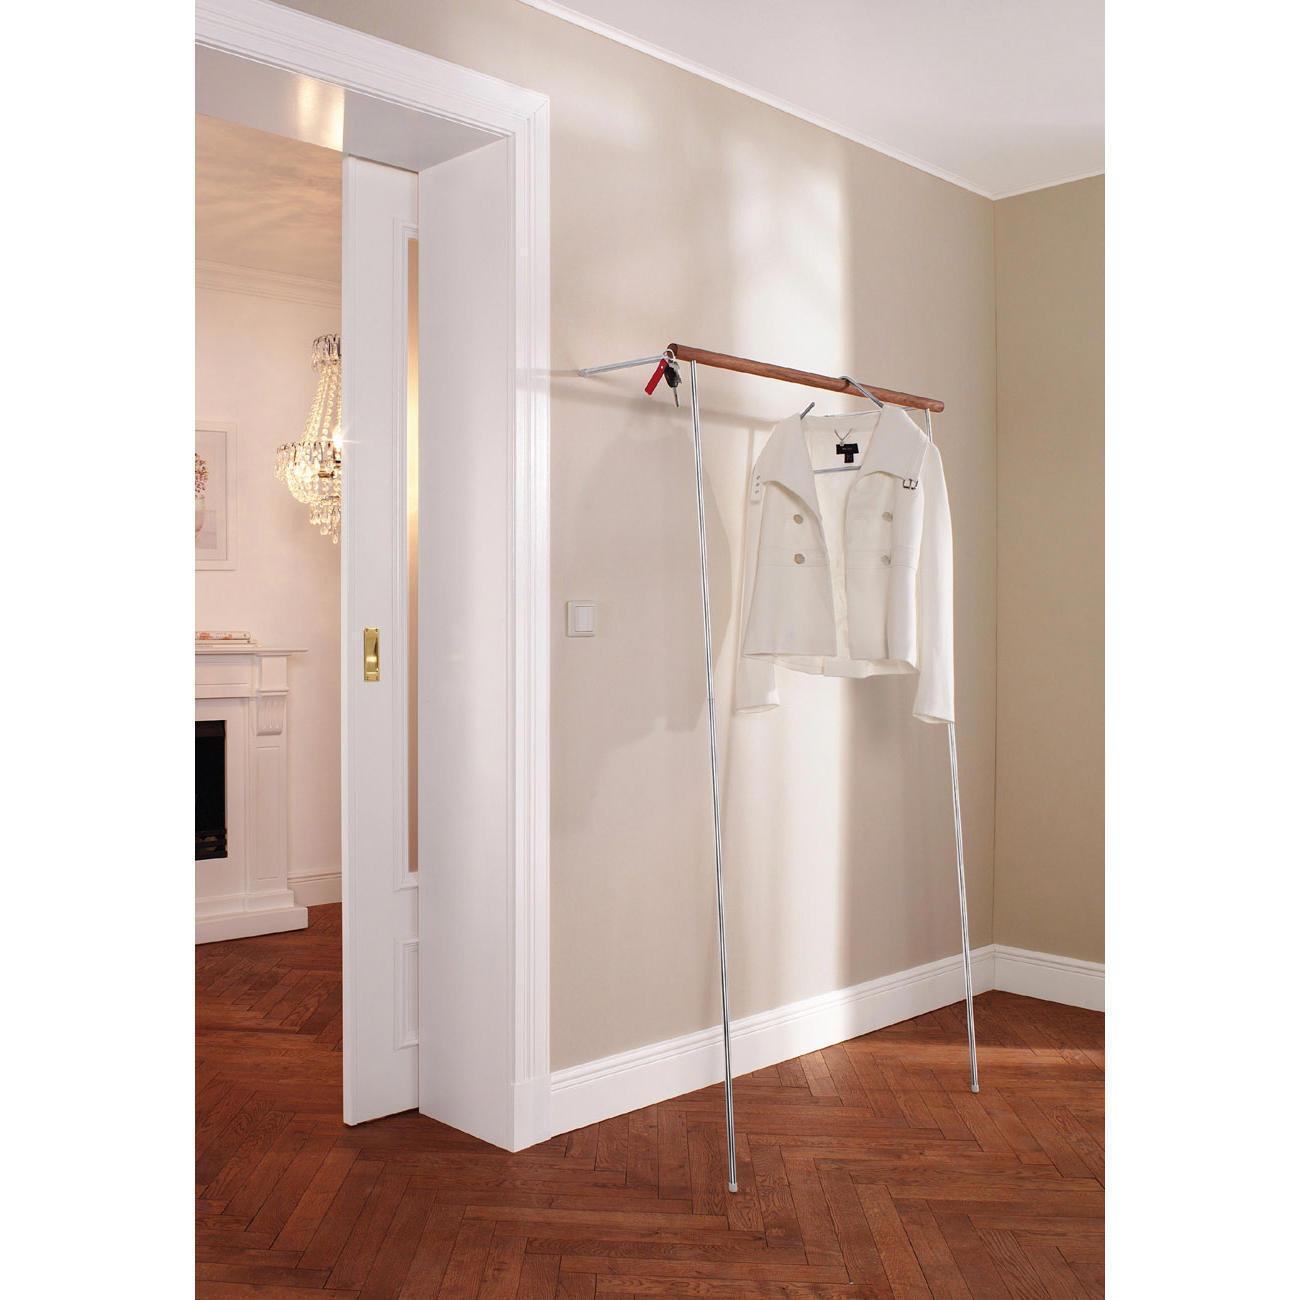 Garderoben Ideen Wenig Platz : Garderobe zum Anlehnen  Im Handumdrehen aufgestellt Ohne Bohren